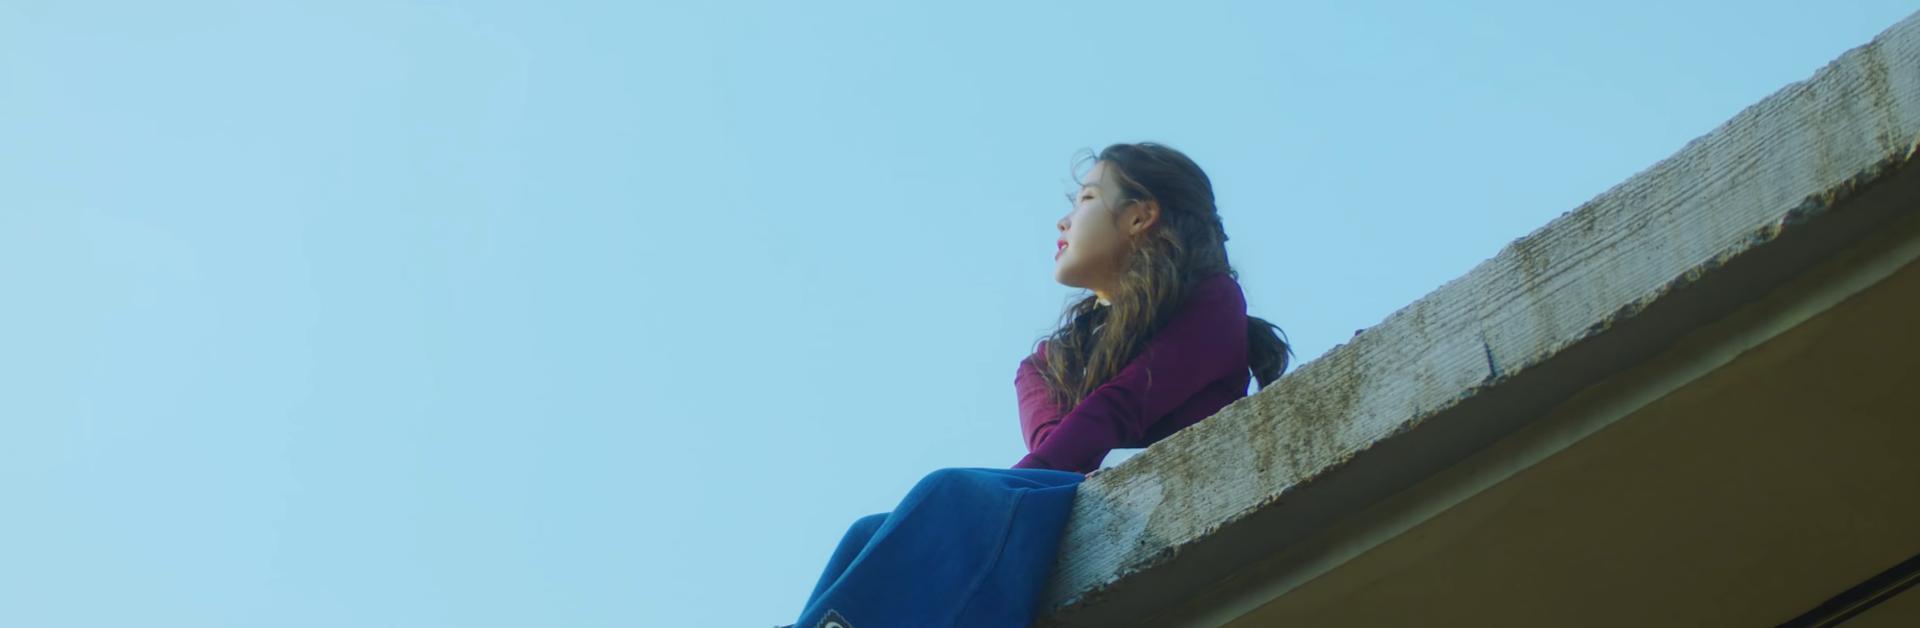 """IU Feat. SUGA """"eight"""" MV"""